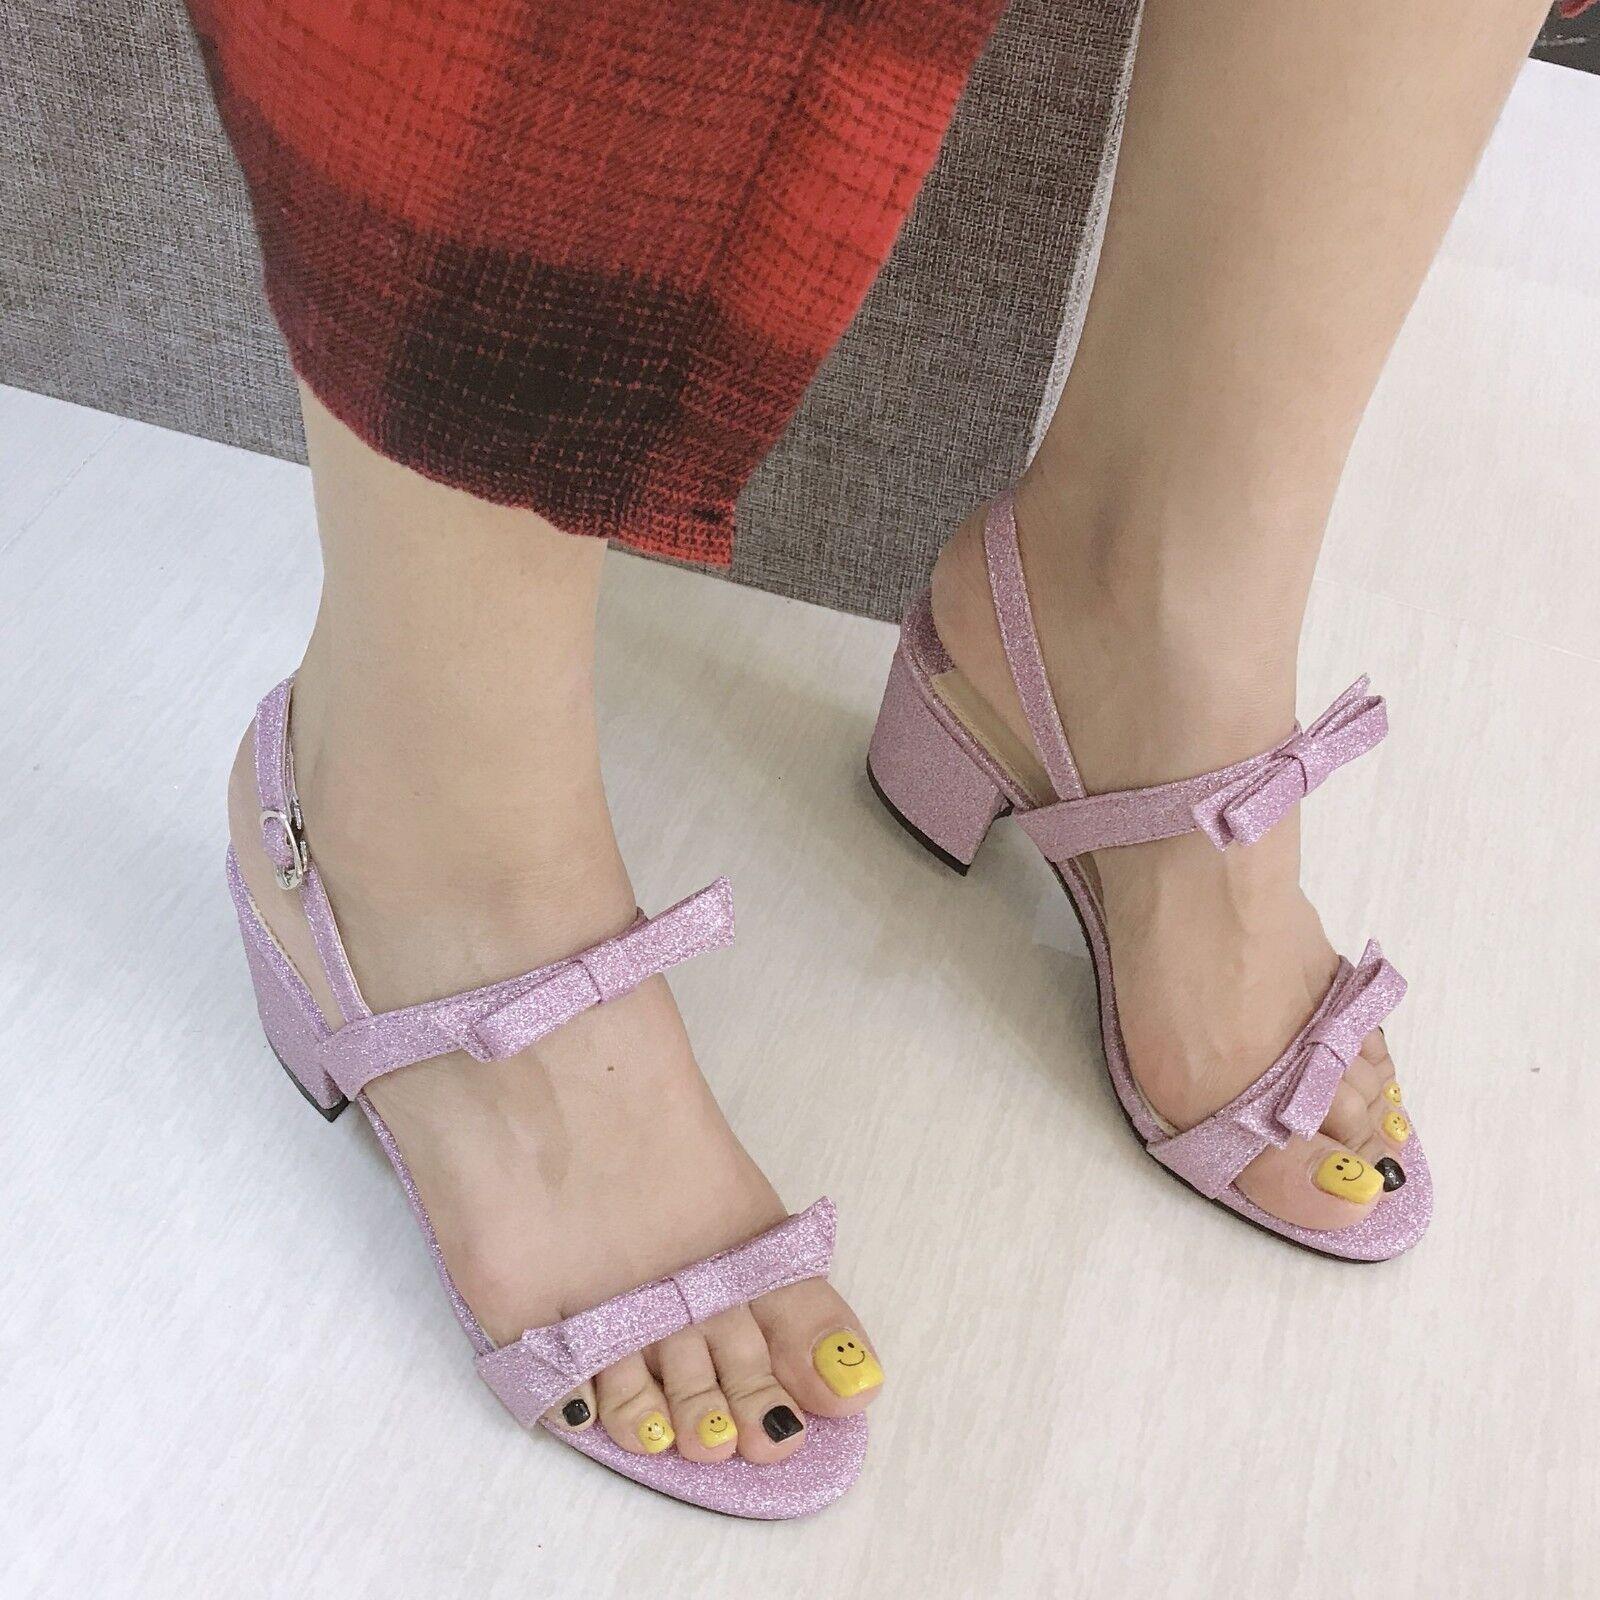 7 Eleganti Sandalo Brillantini Tacco Quadrato Viola Cm E2H9ID